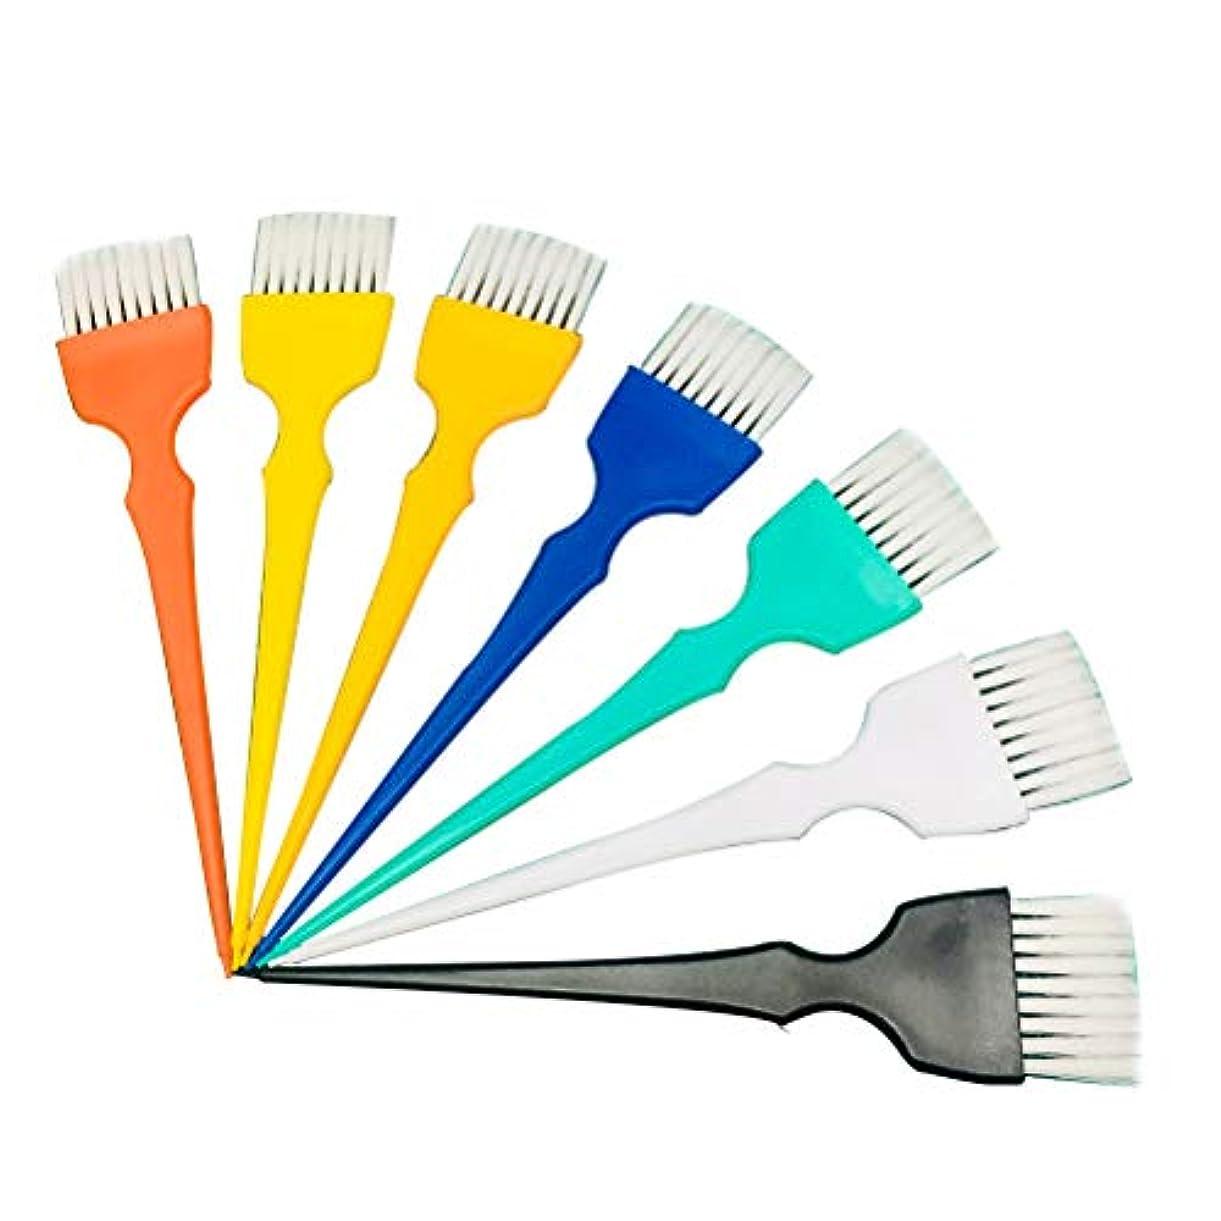 効果的届けるポテトFrcolor ヘアダイブラシ ヘアカラーブラシ ヘアダイコーム 白髪染め 家庭用 美容師プロ用 プラスチック製 7本セット(ランダムカラー)